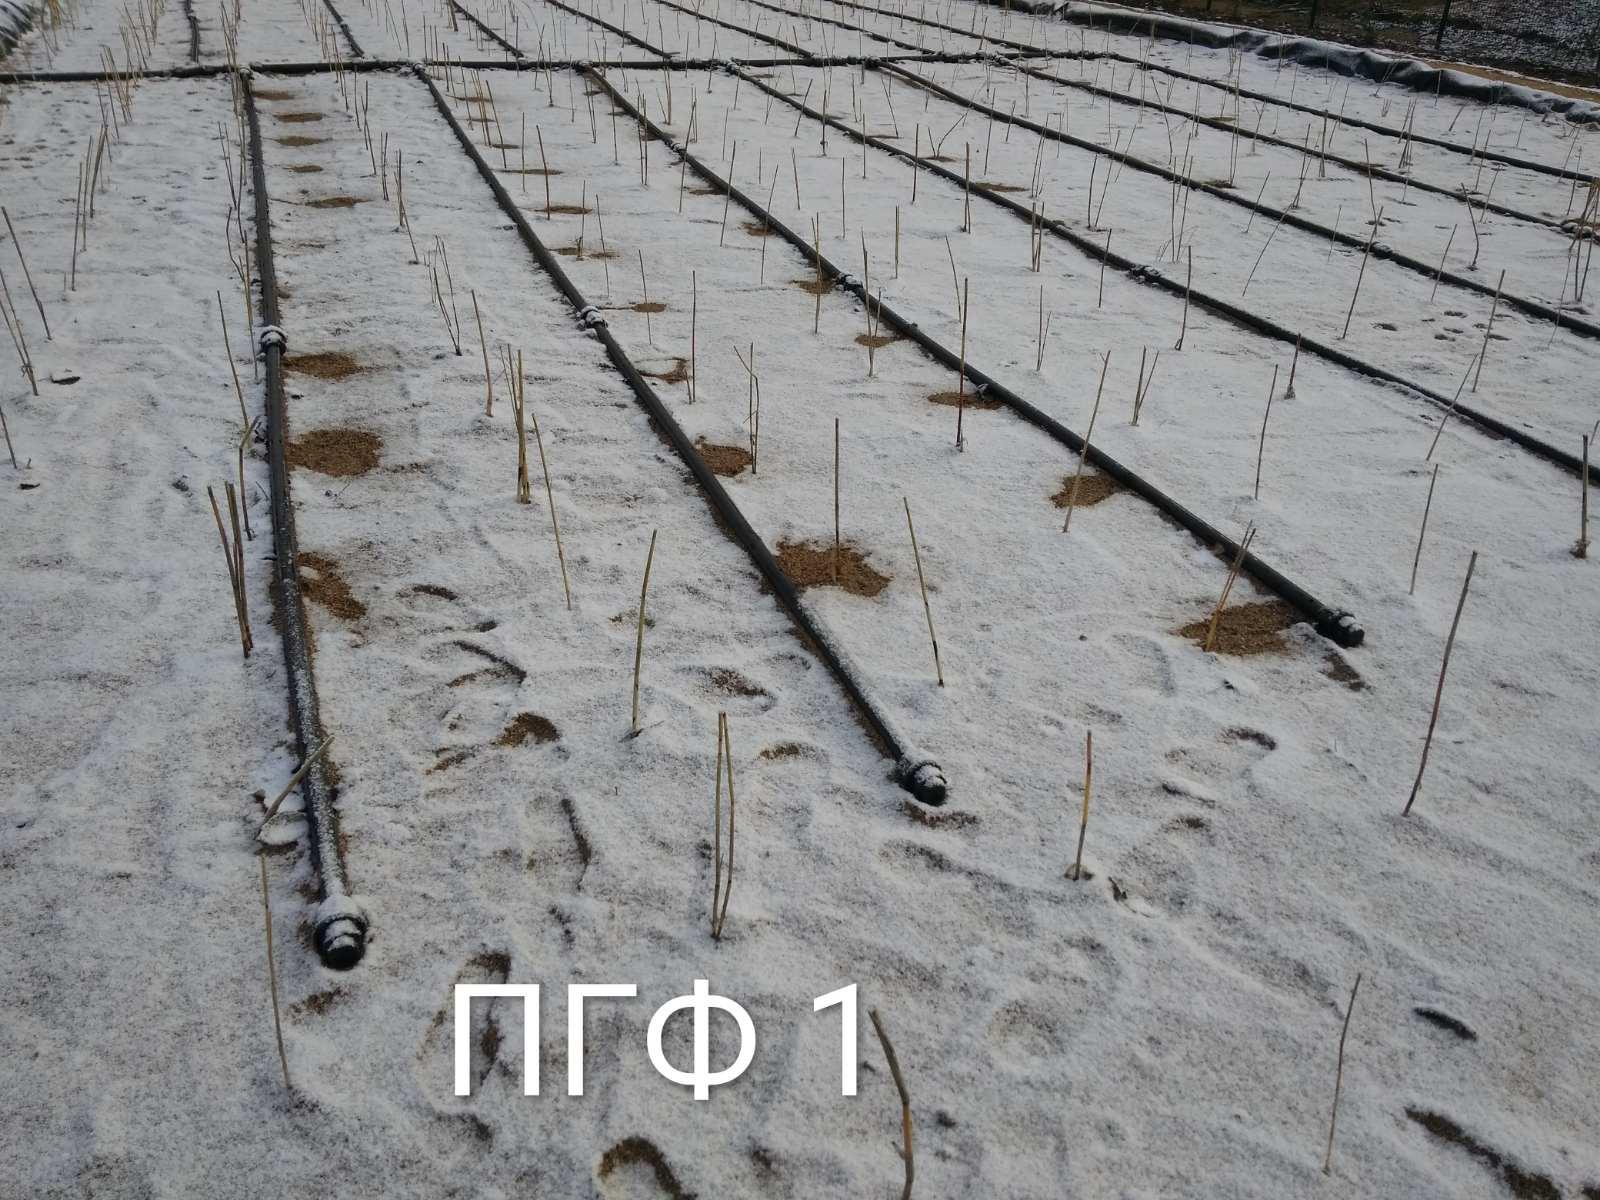 Stufe 1 mit Schilfpflanzen